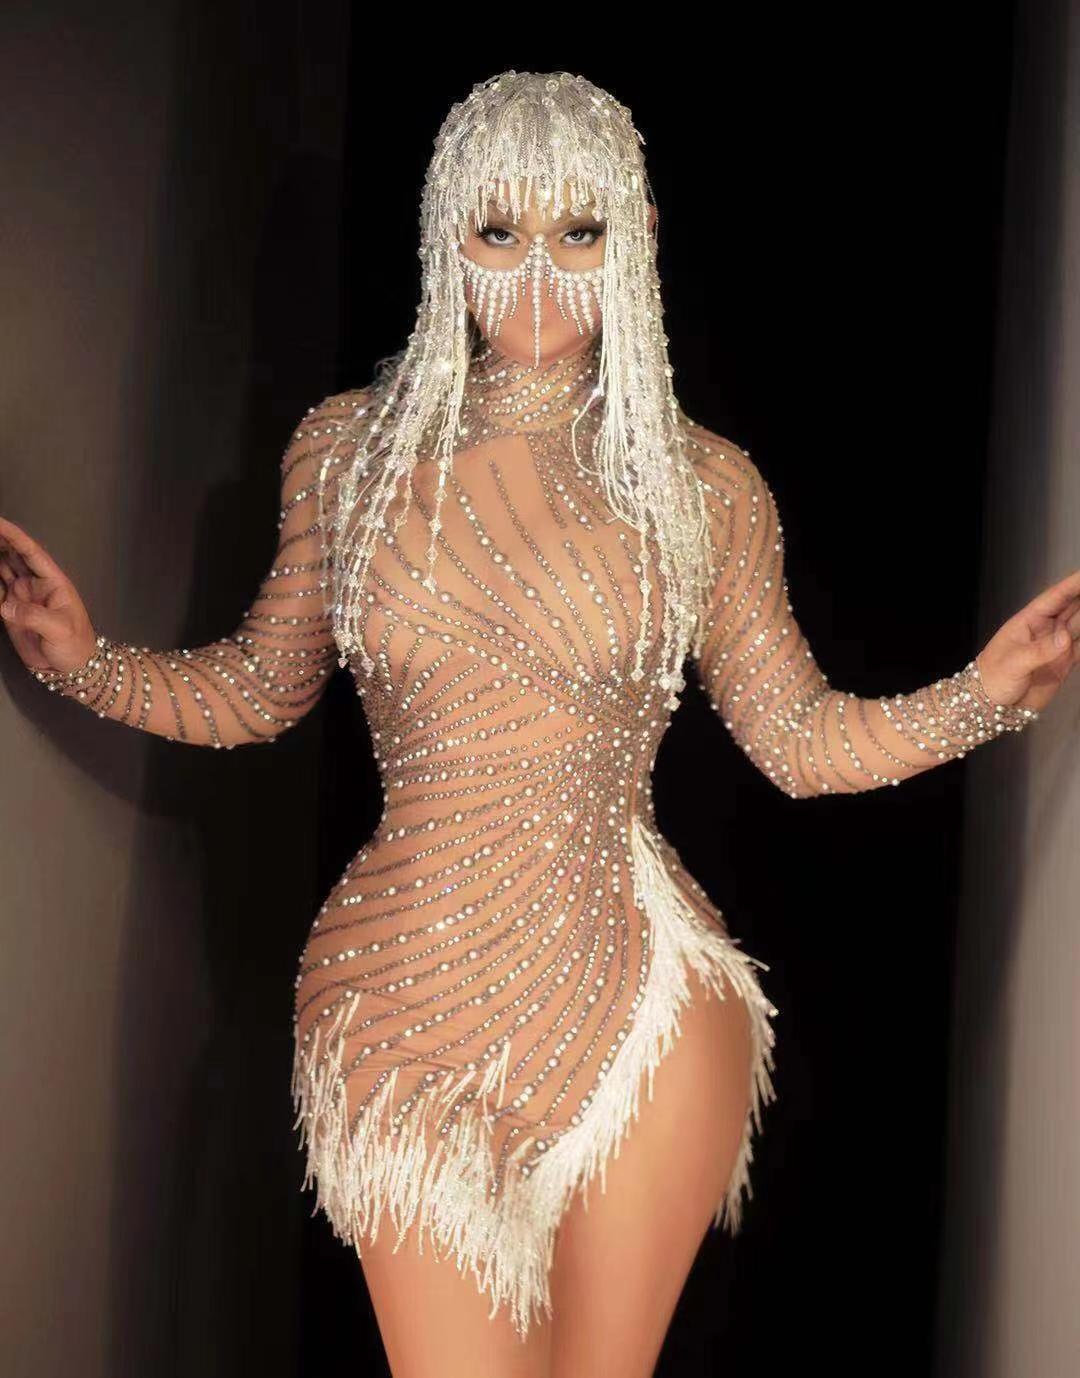 Латинское платье сексуальная сетка прозрачная жемчужная кисточка стрейч щель с длинным рукавом выпускной день рождения вечеринка наряд женщин певица танцор ночной клуб DJ костюм